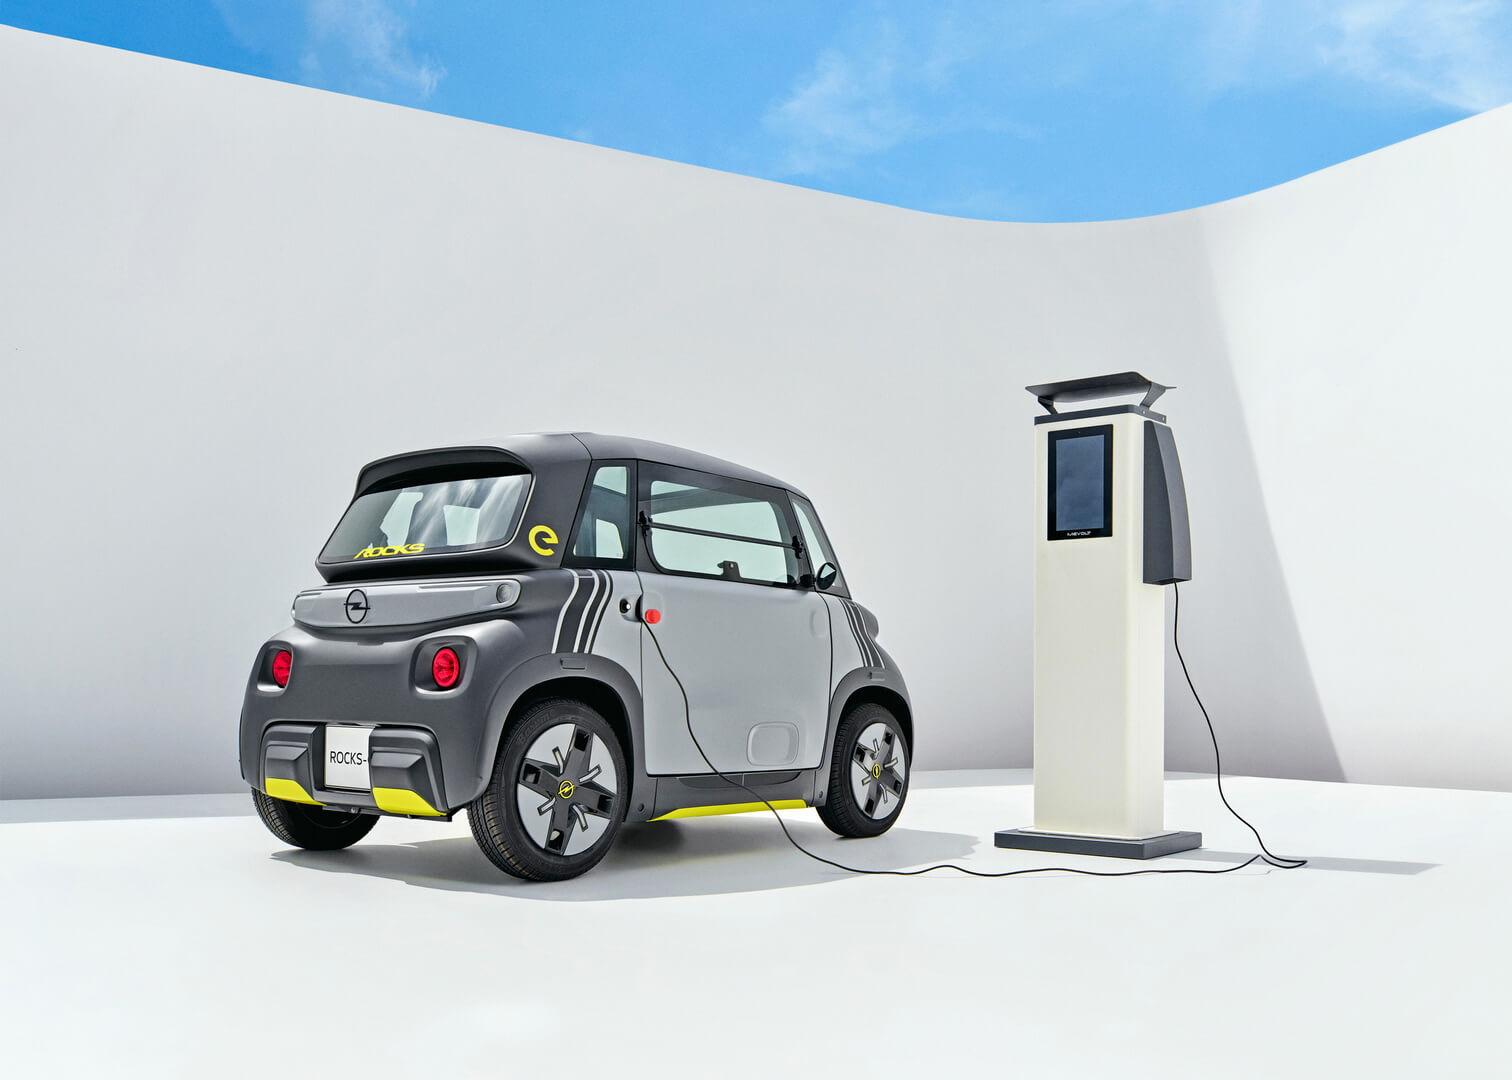 Opel Rocks-e можно полностью зарядить от бытовой электросети за 3,5 часа